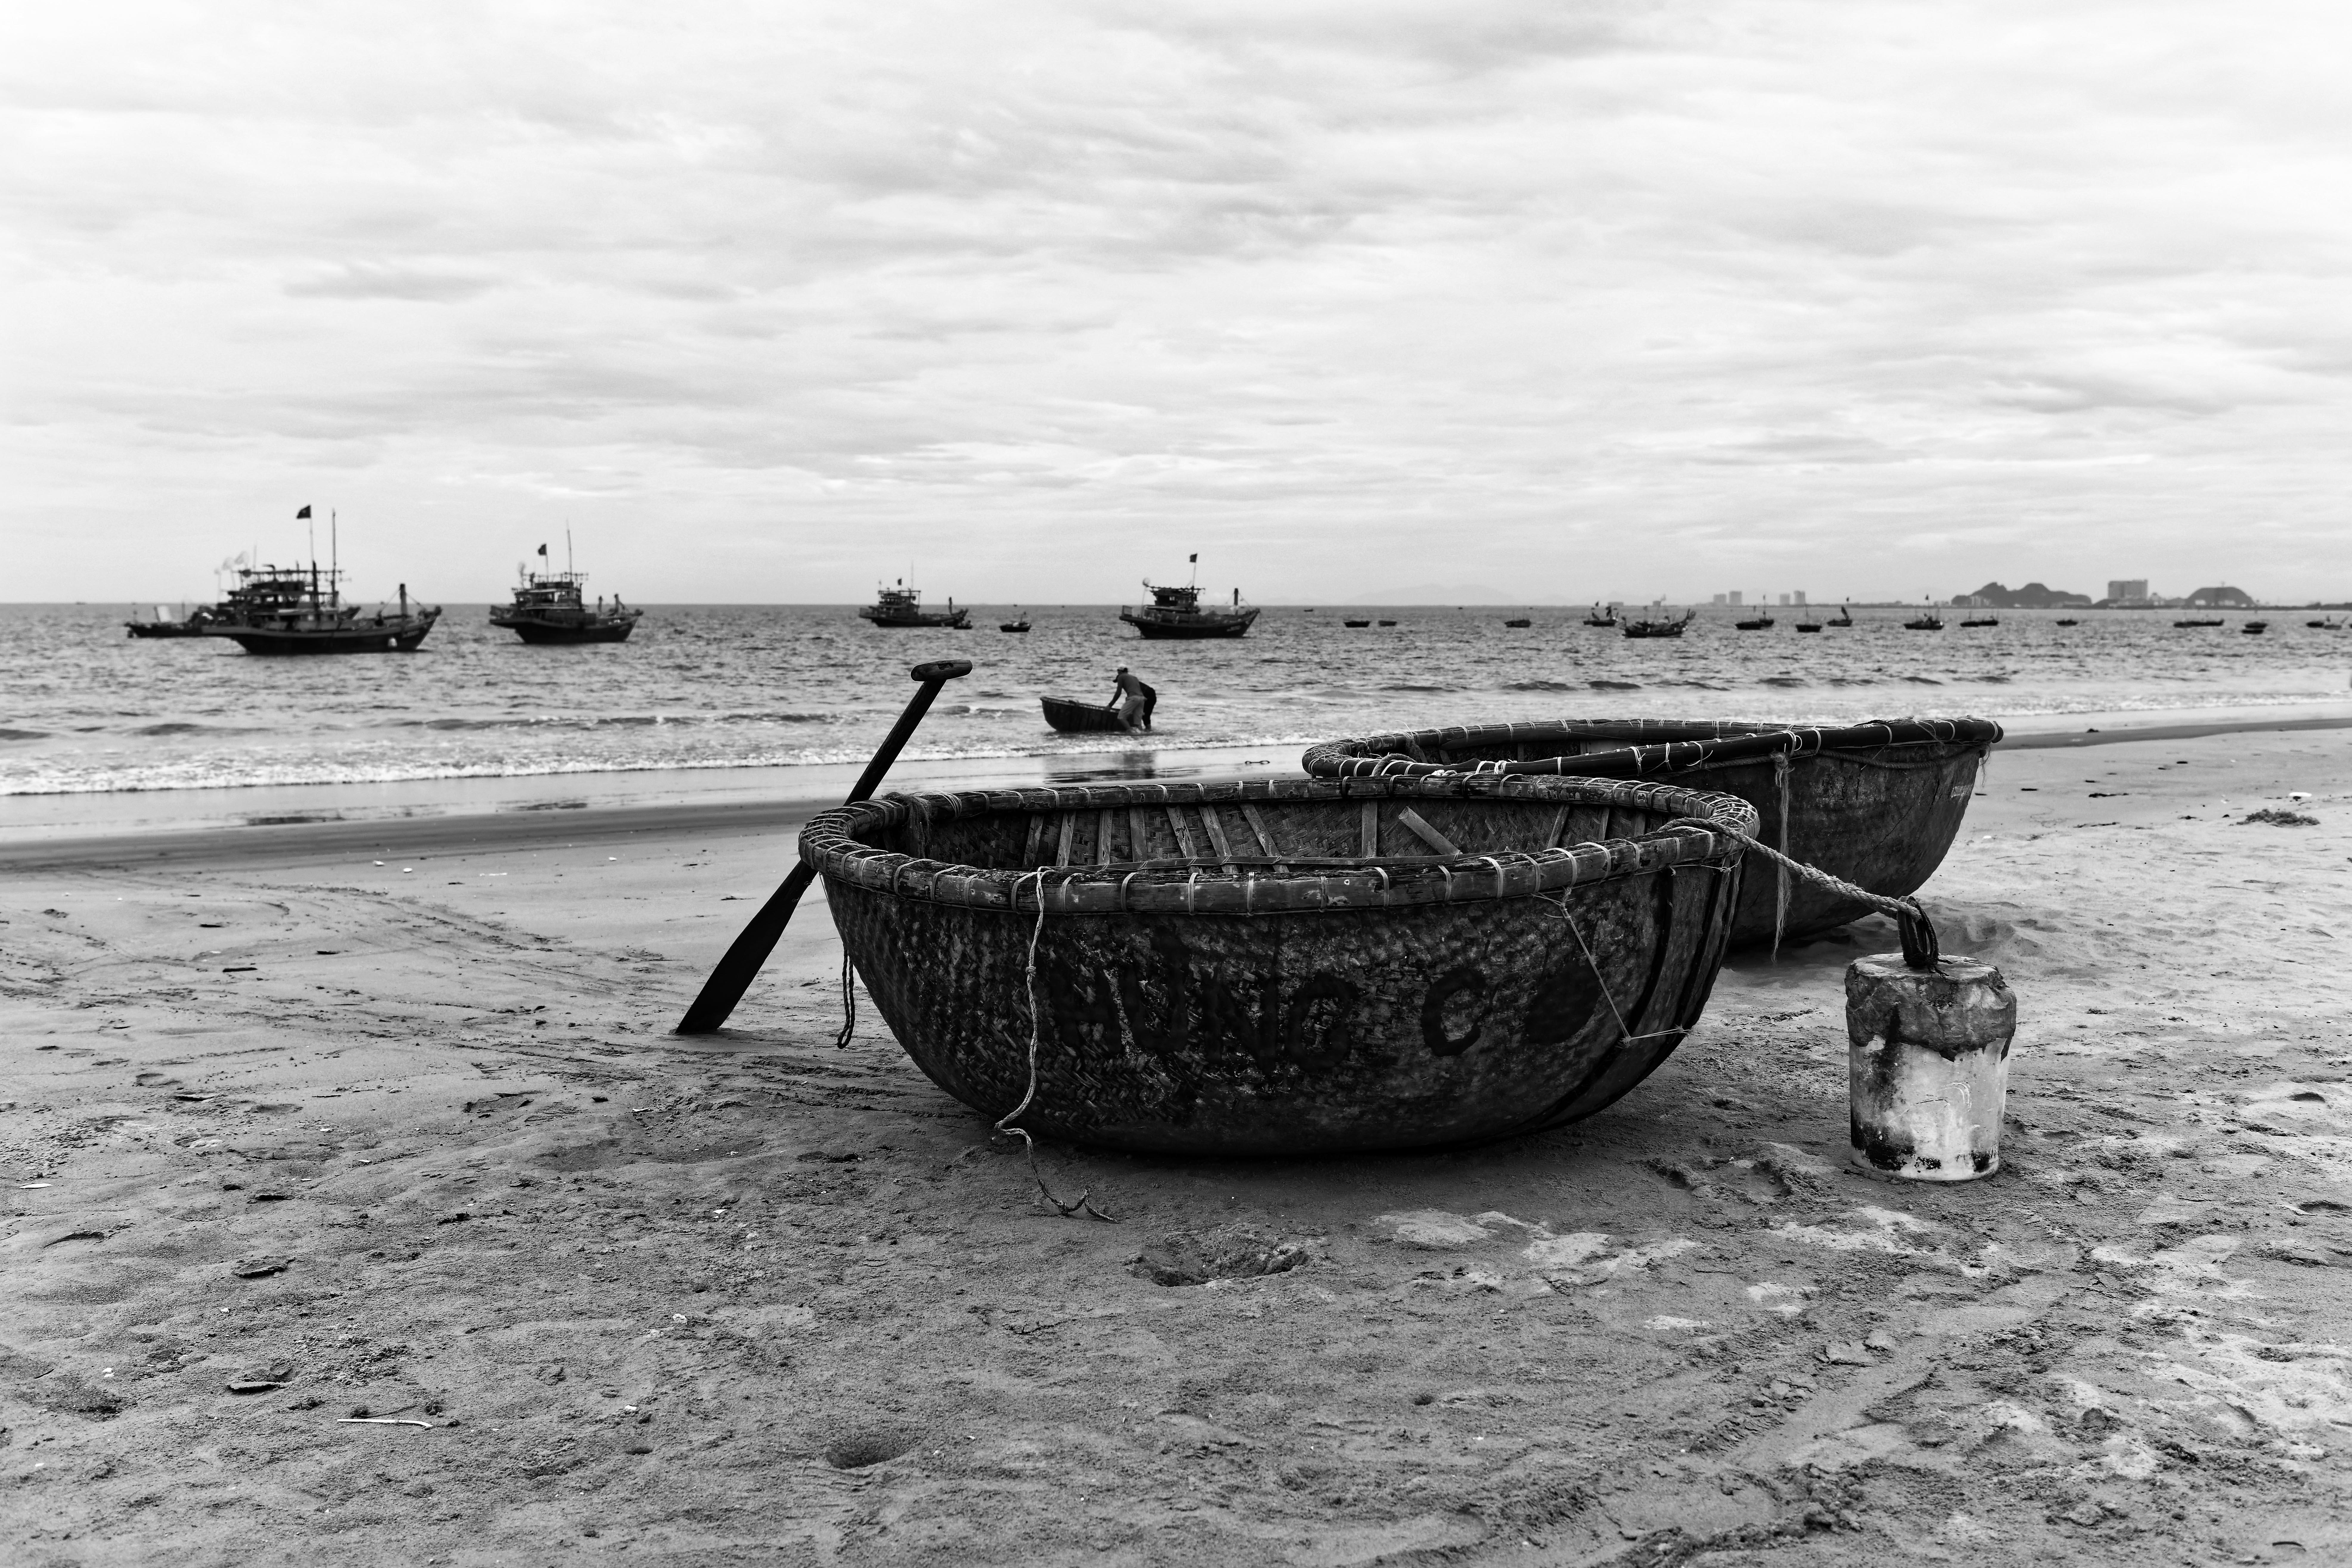 Round boats of Danang Vietnam